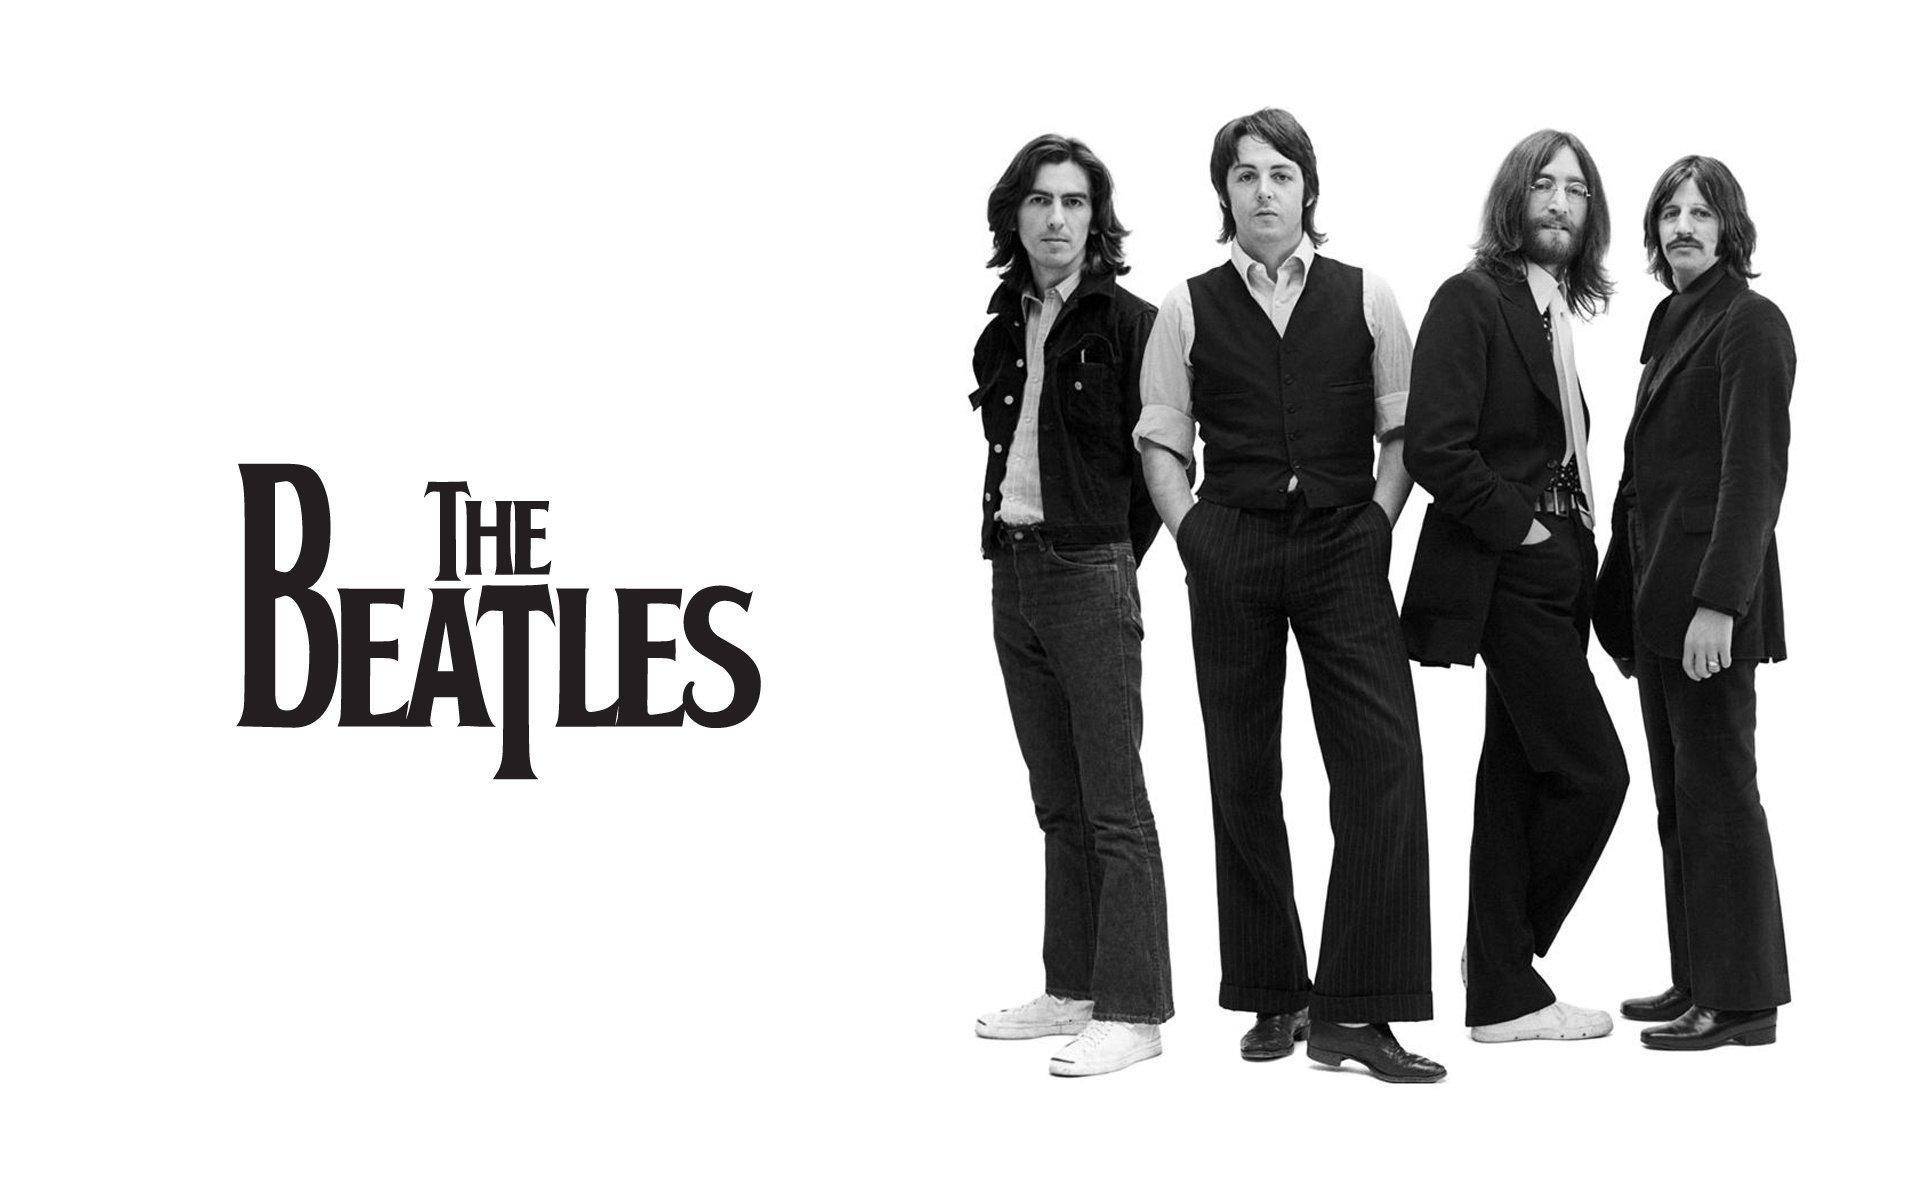 Titkok a leghíresebb dalok mögött: Paul McCartney 79 éves! - WMN